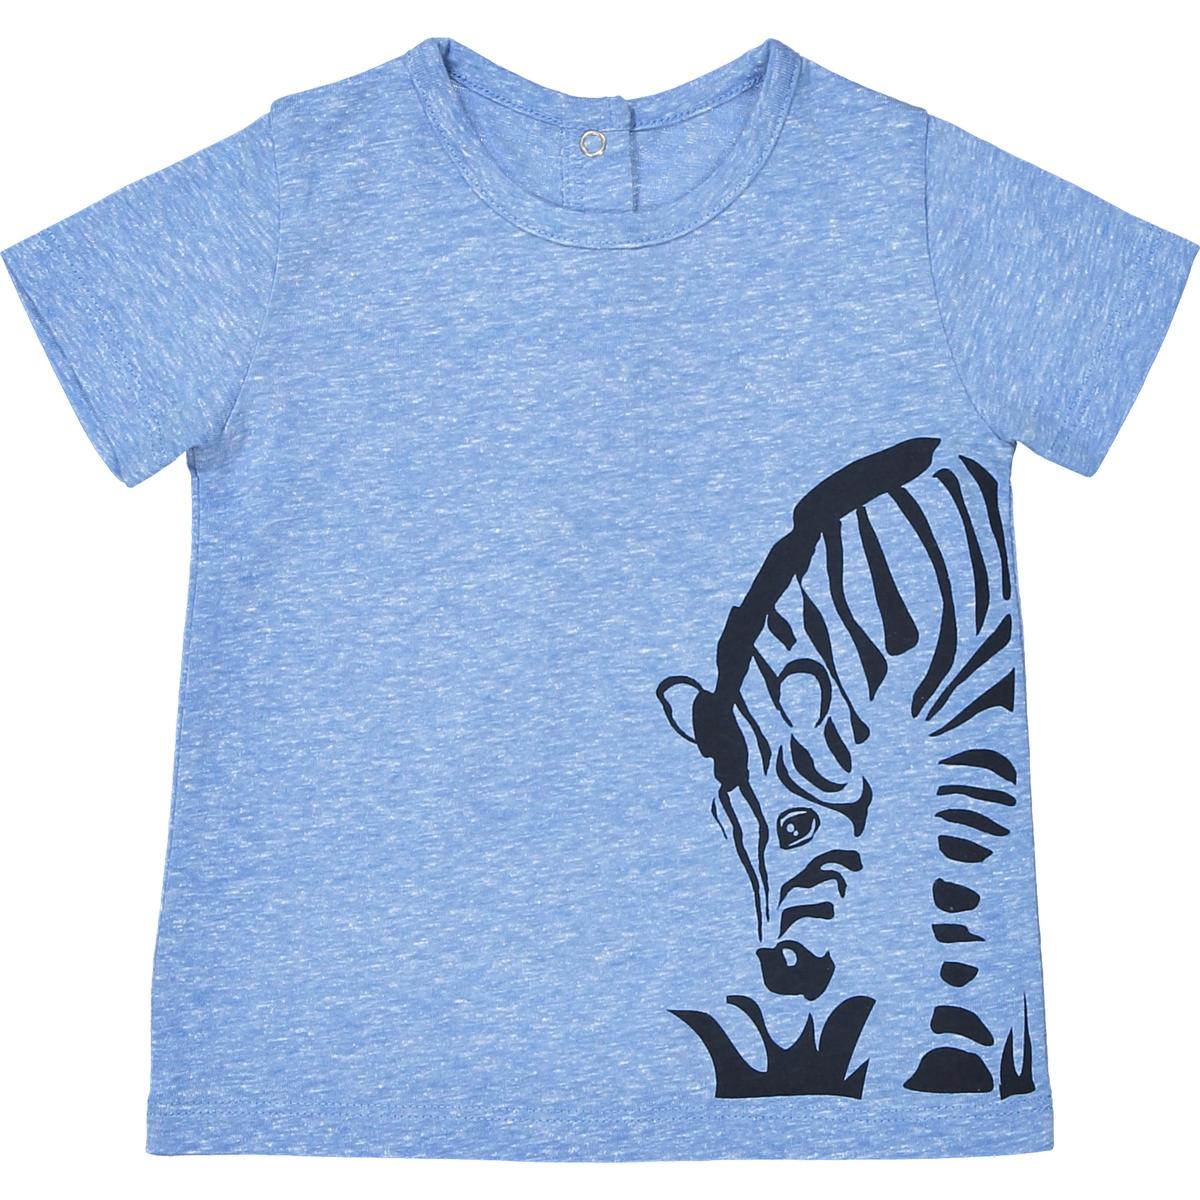 T-shirt com estampado zebra, 1 mês -3 anos